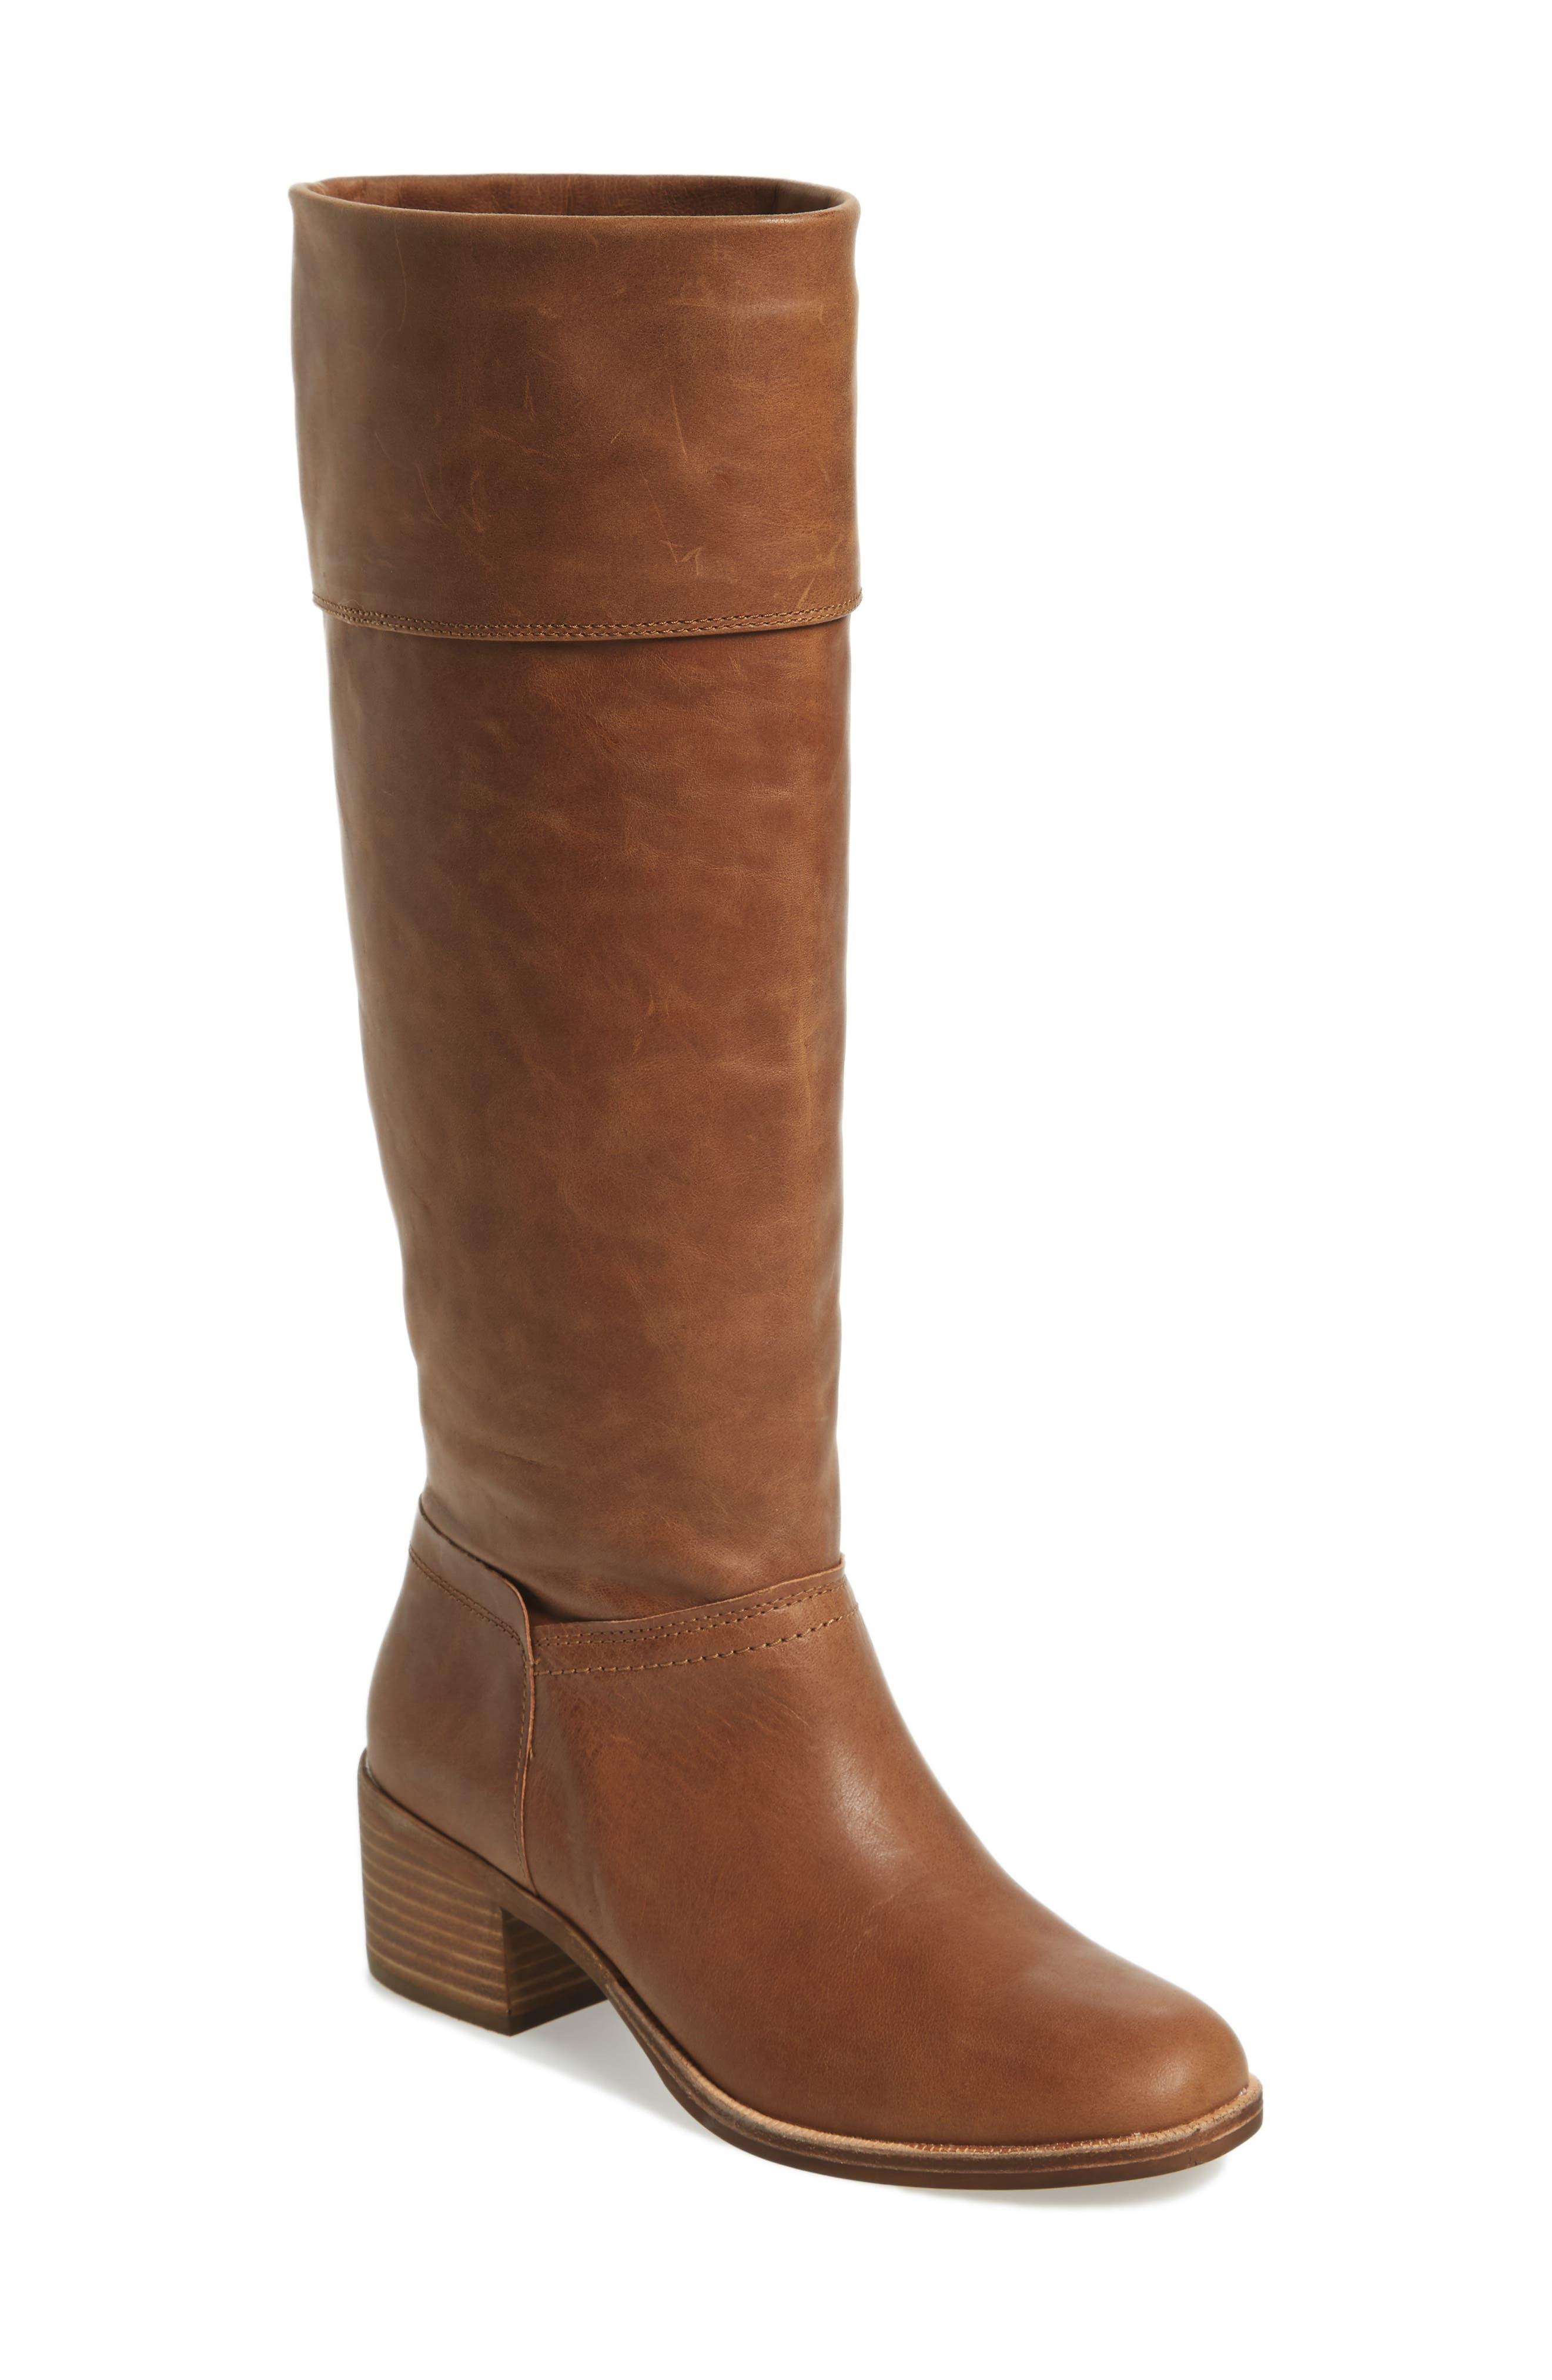 Main Image - UGG® Carlin Tall Boot (Women)